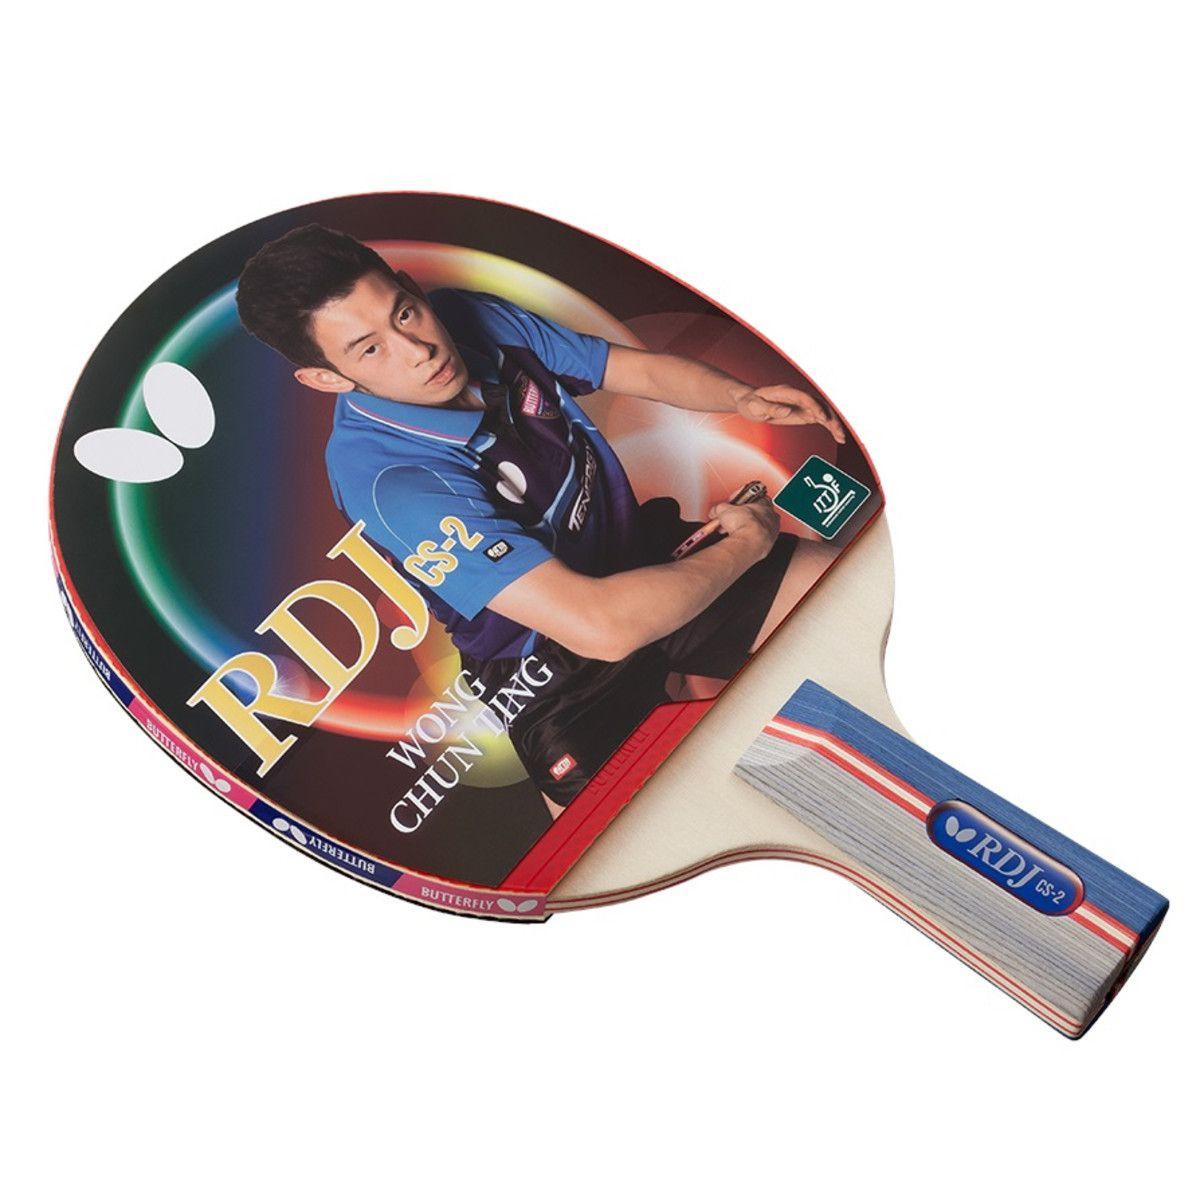 Raquete de tenis de Mesa Butterfly Caneta RDJ CS-2 - Wong Chun Ting  - REAL ESPORTE